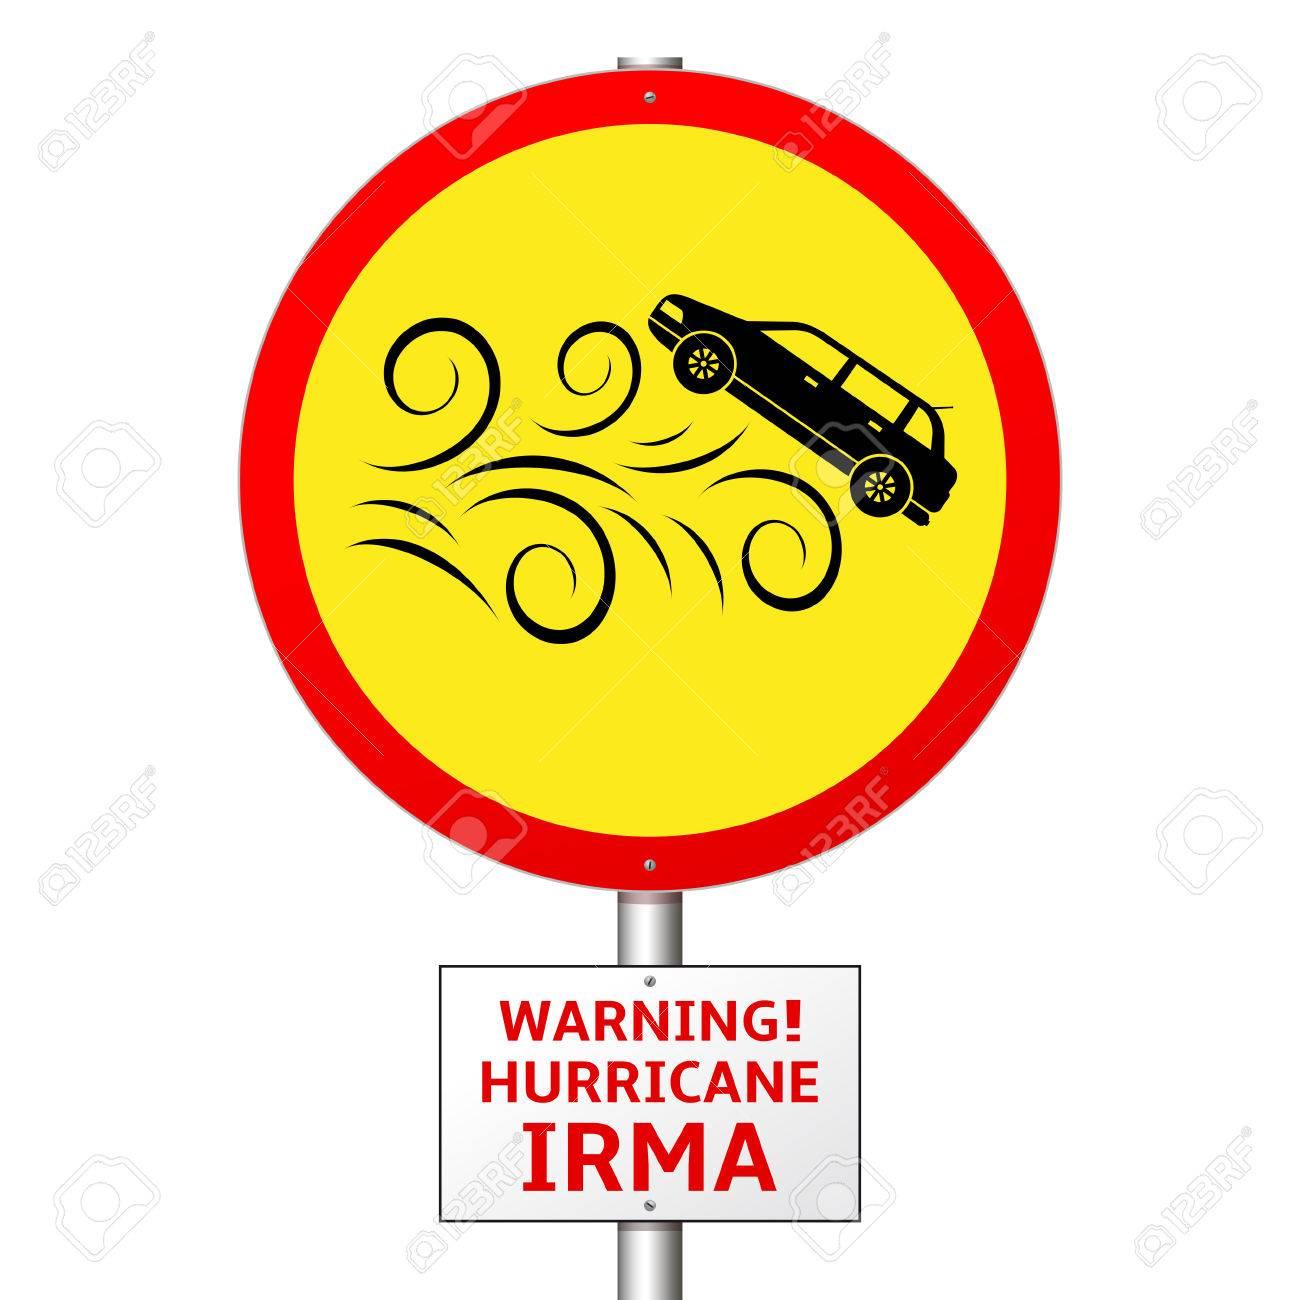 Warning Hurricane Irma Danger To Transport Road Sign Royalty Free